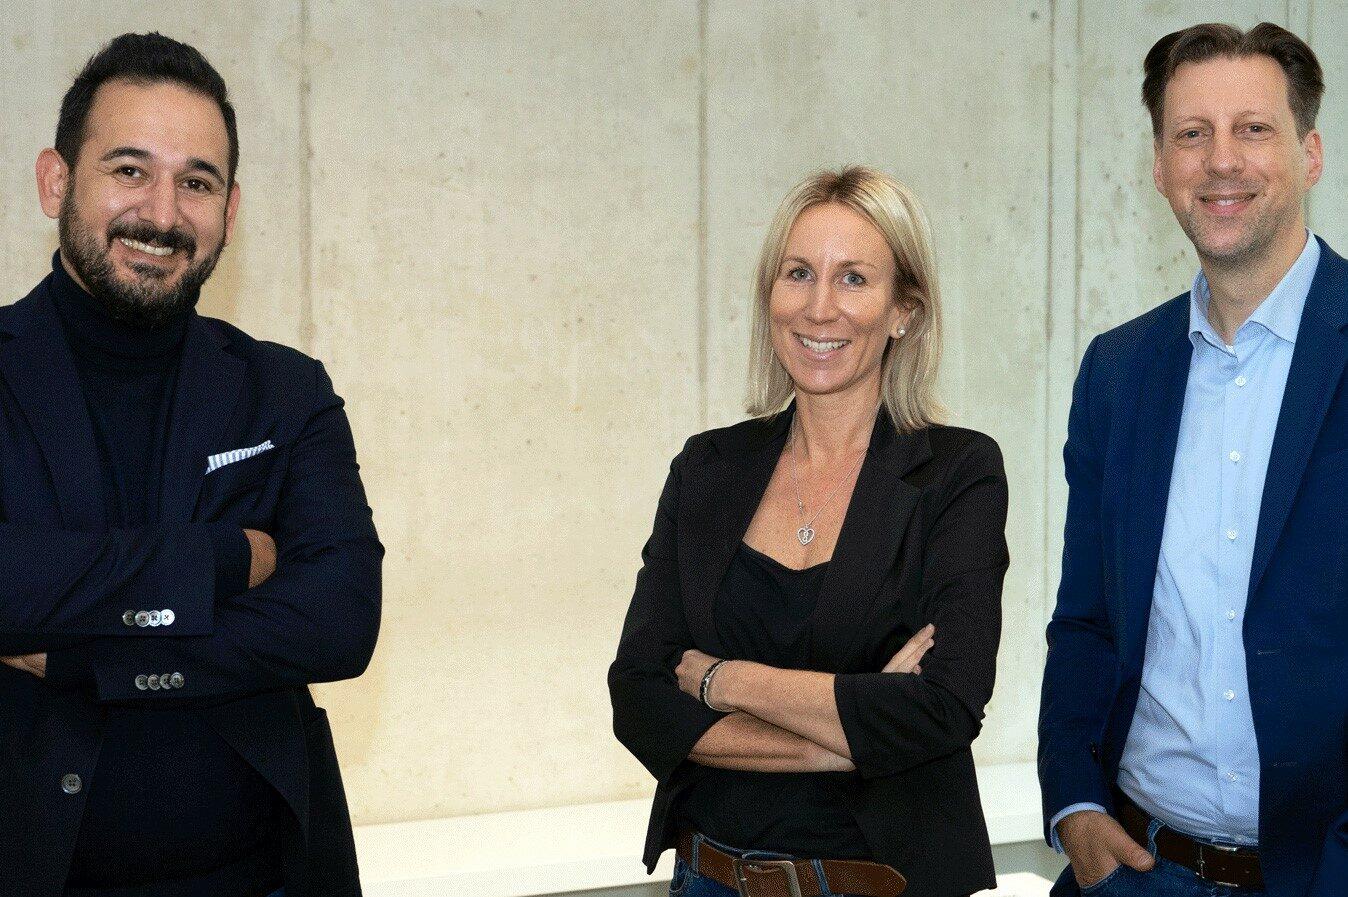 Mit Sabrina Musenbrock und Levent Günes (l.) komplettiert Europa-CEO Rüdiger Maeßen (r.) sein Führungsteam im Kölner Uniplan Hauptquartier.